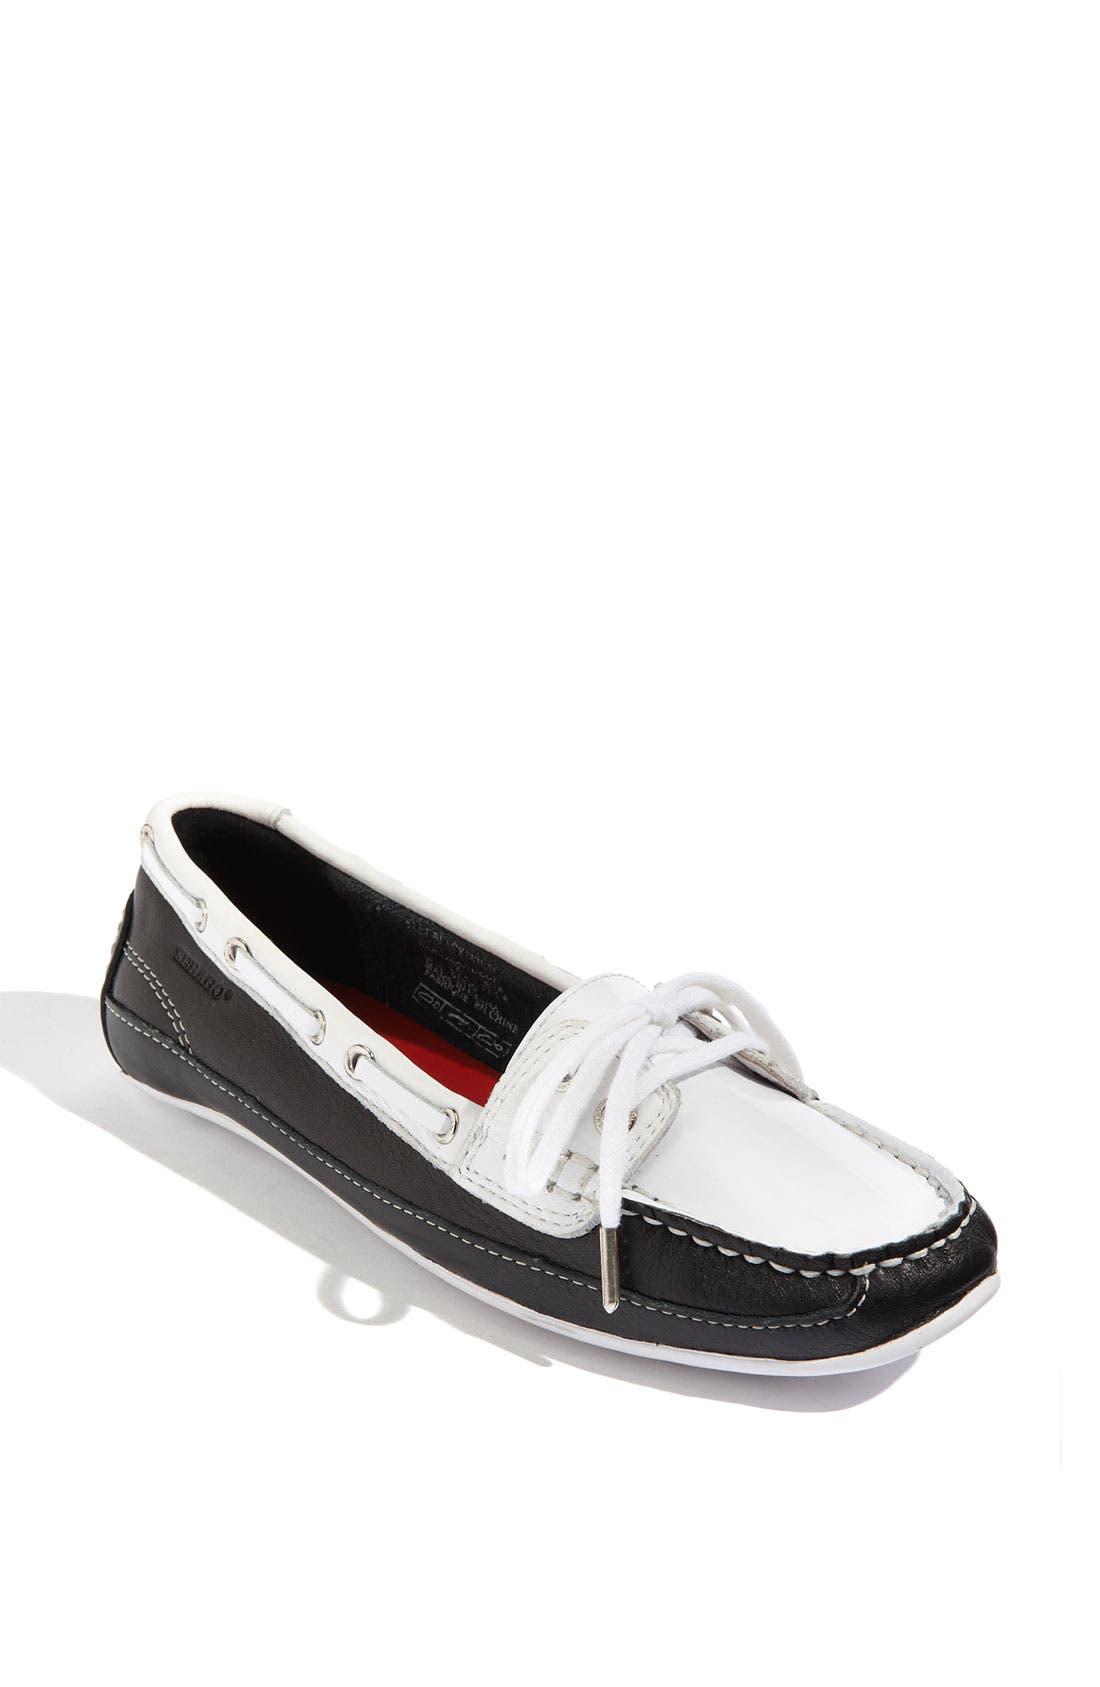 SEBAGO 'Bala' Boat Shoe, Main, color, 001